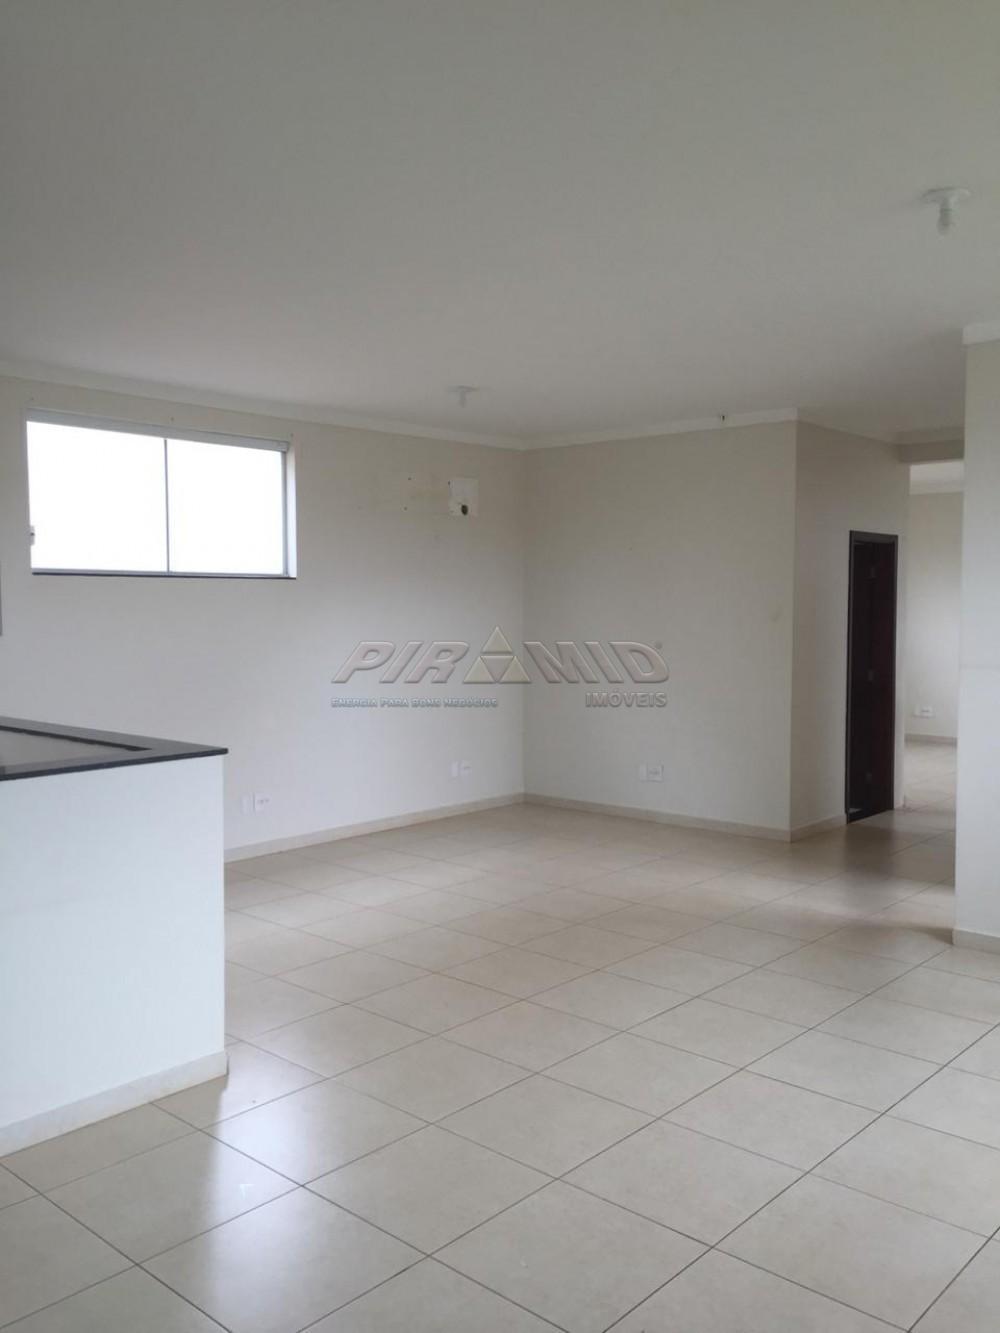 Comprar Casa / Padrão em Ribeirão Preto apenas R$ 1.000.000,00 - Foto 8